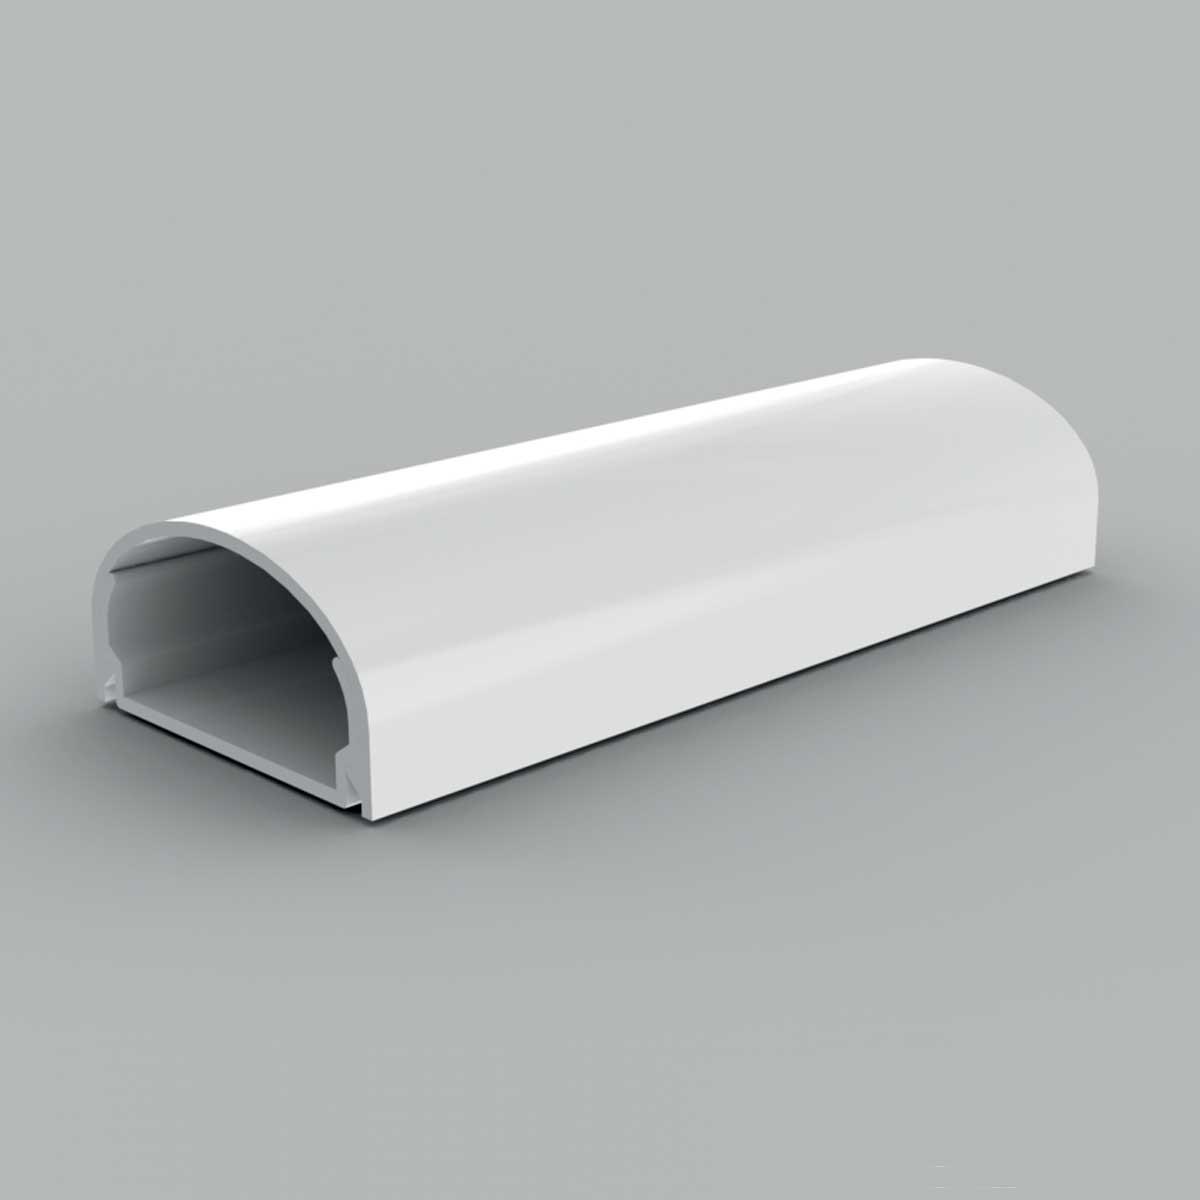 Кабельний канал з ПВХ білого кольору 19х40мм; Серія LЕ Елегант; ПВХ